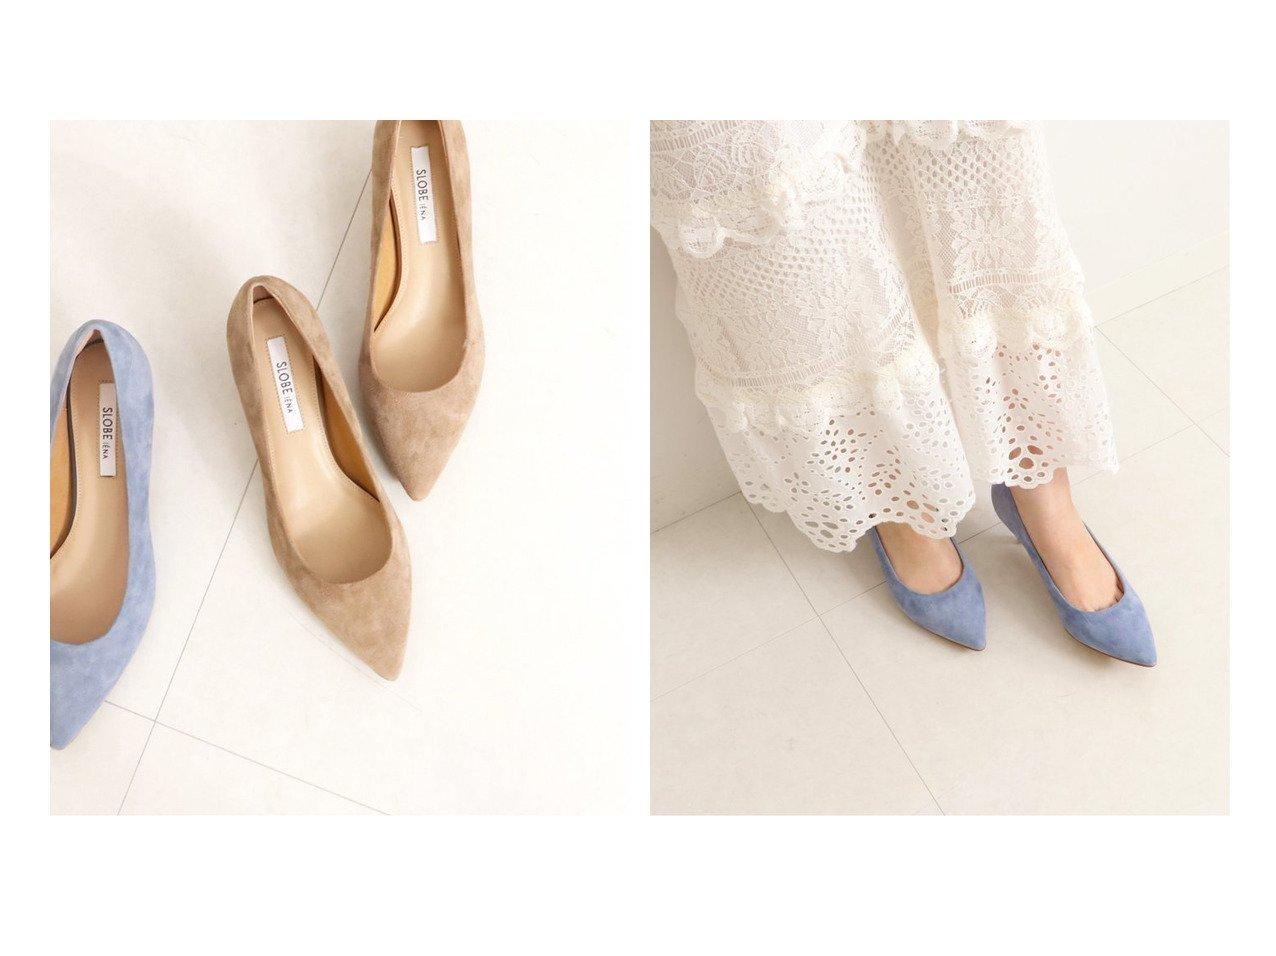 【SLOBE IENA/スローブ イエナ】のSLOBE IENA スエードポインテッドパンプス シューズ・靴のおすすめ!人気、トレンド・レディースファッションの通販 おすすめで人気の流行・トレンド、ファッションの通販商品 メンズファッション・キッズファッション・インテリア・家具・レディースファッション・服の通販 founy(ファニー) https://founy.com/ ファッション Fashion レディースファッション WOMEN 2021年 2021 2021 春夏 S/S SS Spring/Summer 2021 S/S 春夏 SS Spring/Summer クッション シューズ スエード フェミニン 春 Spring  ID:crp329100000023338